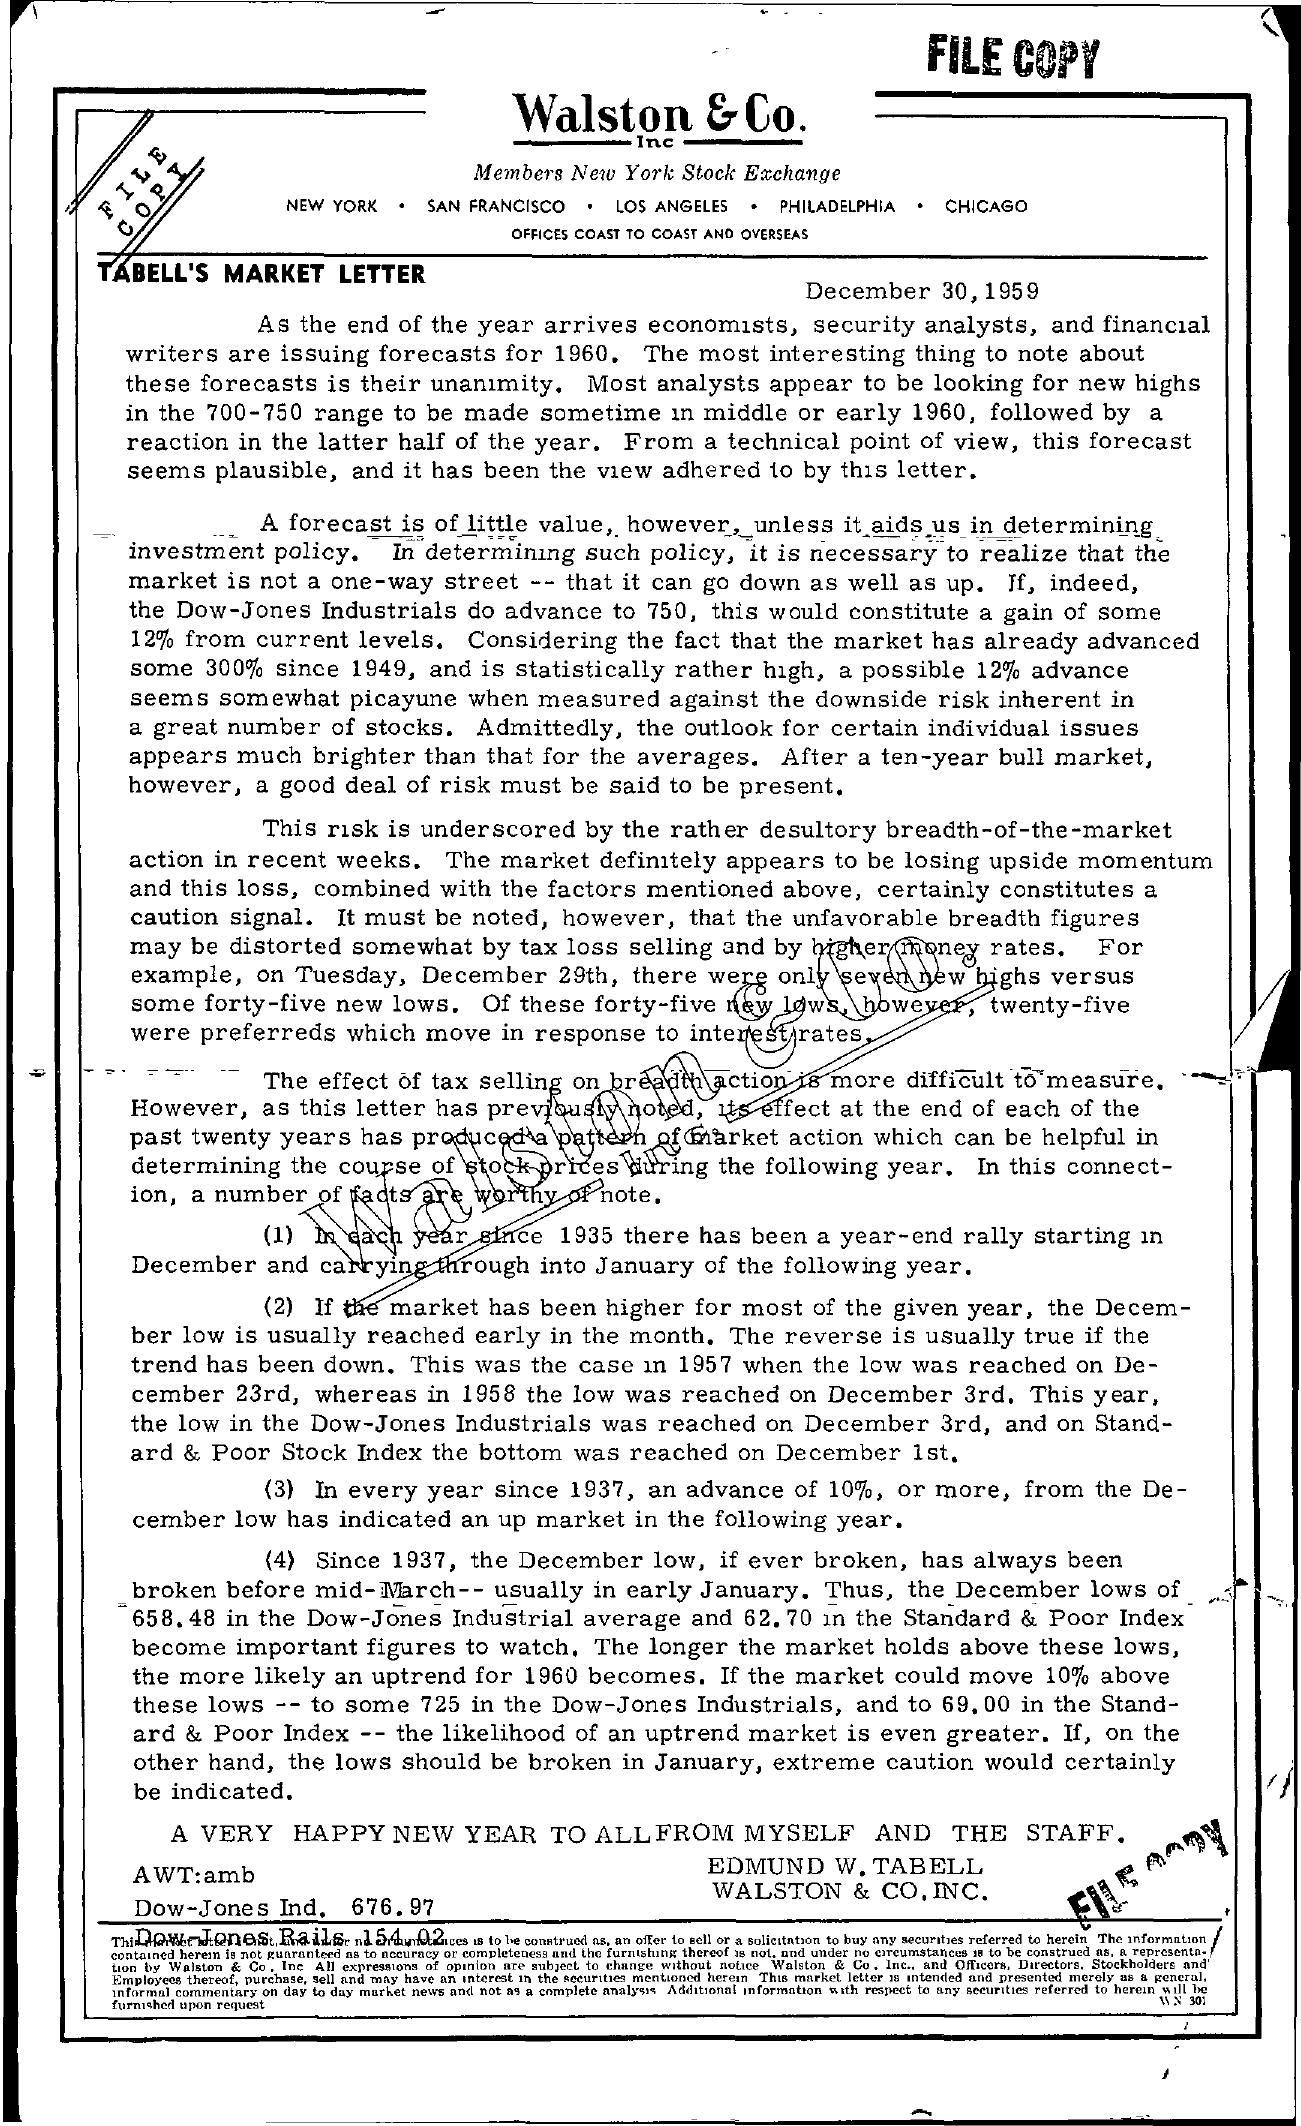 Tabell's Market Letter - December 30, 1959